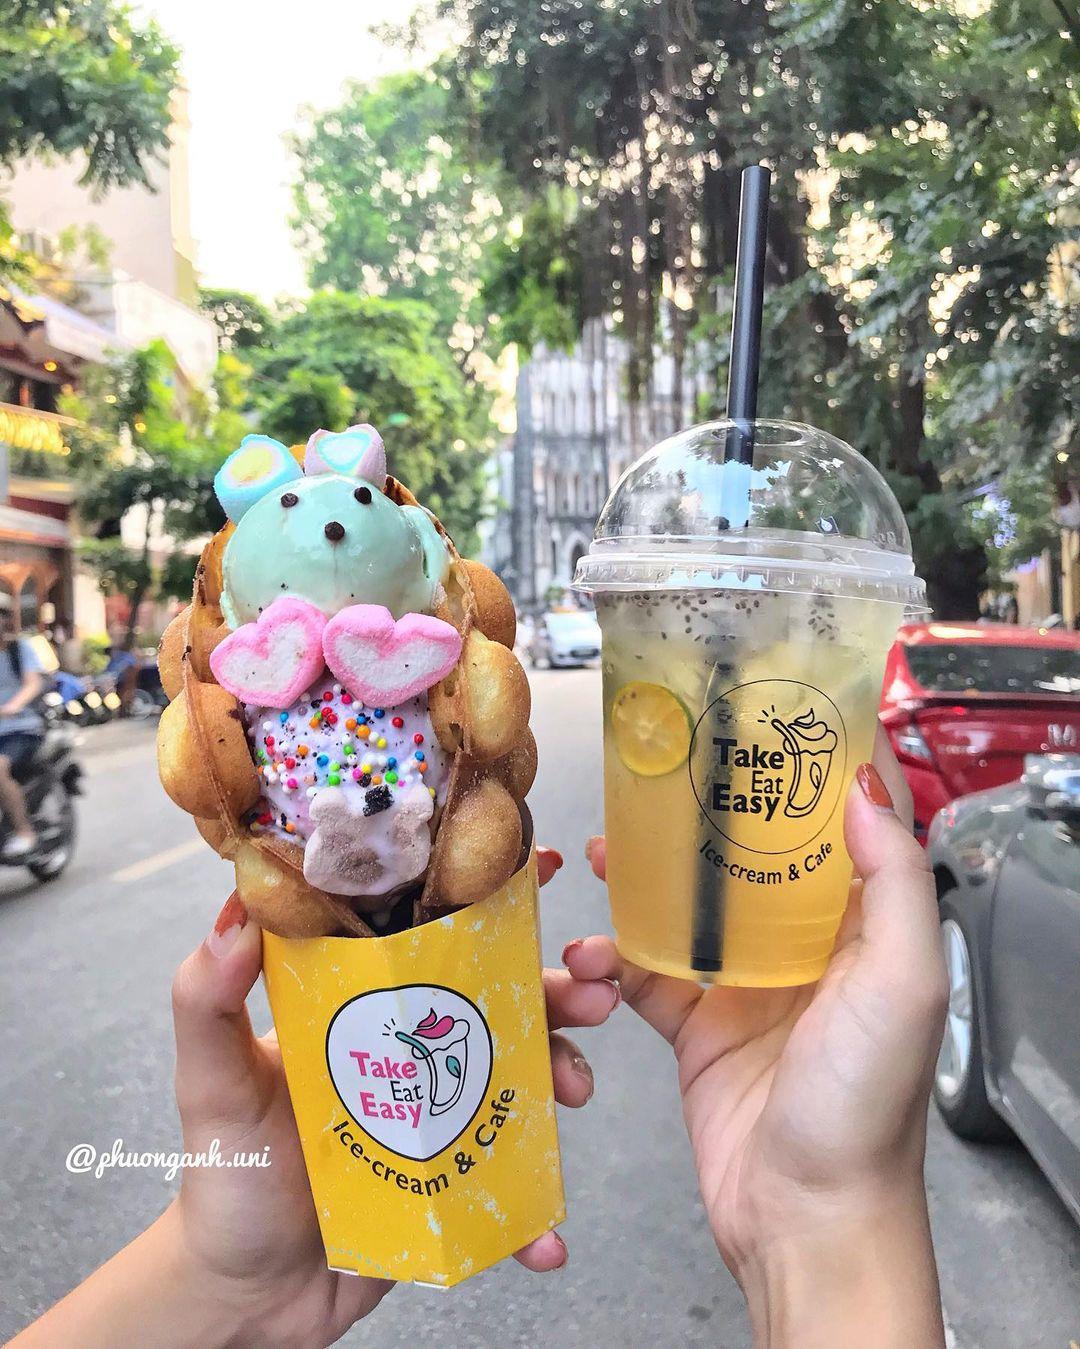 đi ăn cafe kem dễ dàng 2